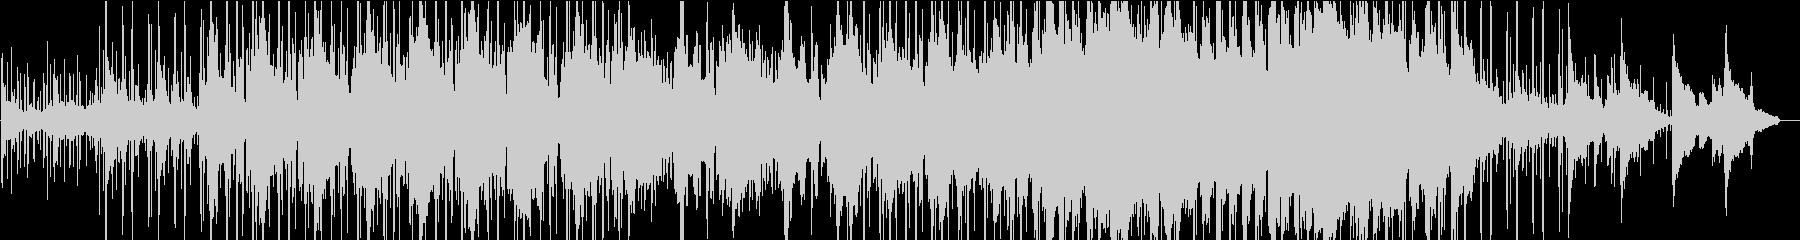 和風の癒しHipHop・ナイトルーティンの未再生の波形